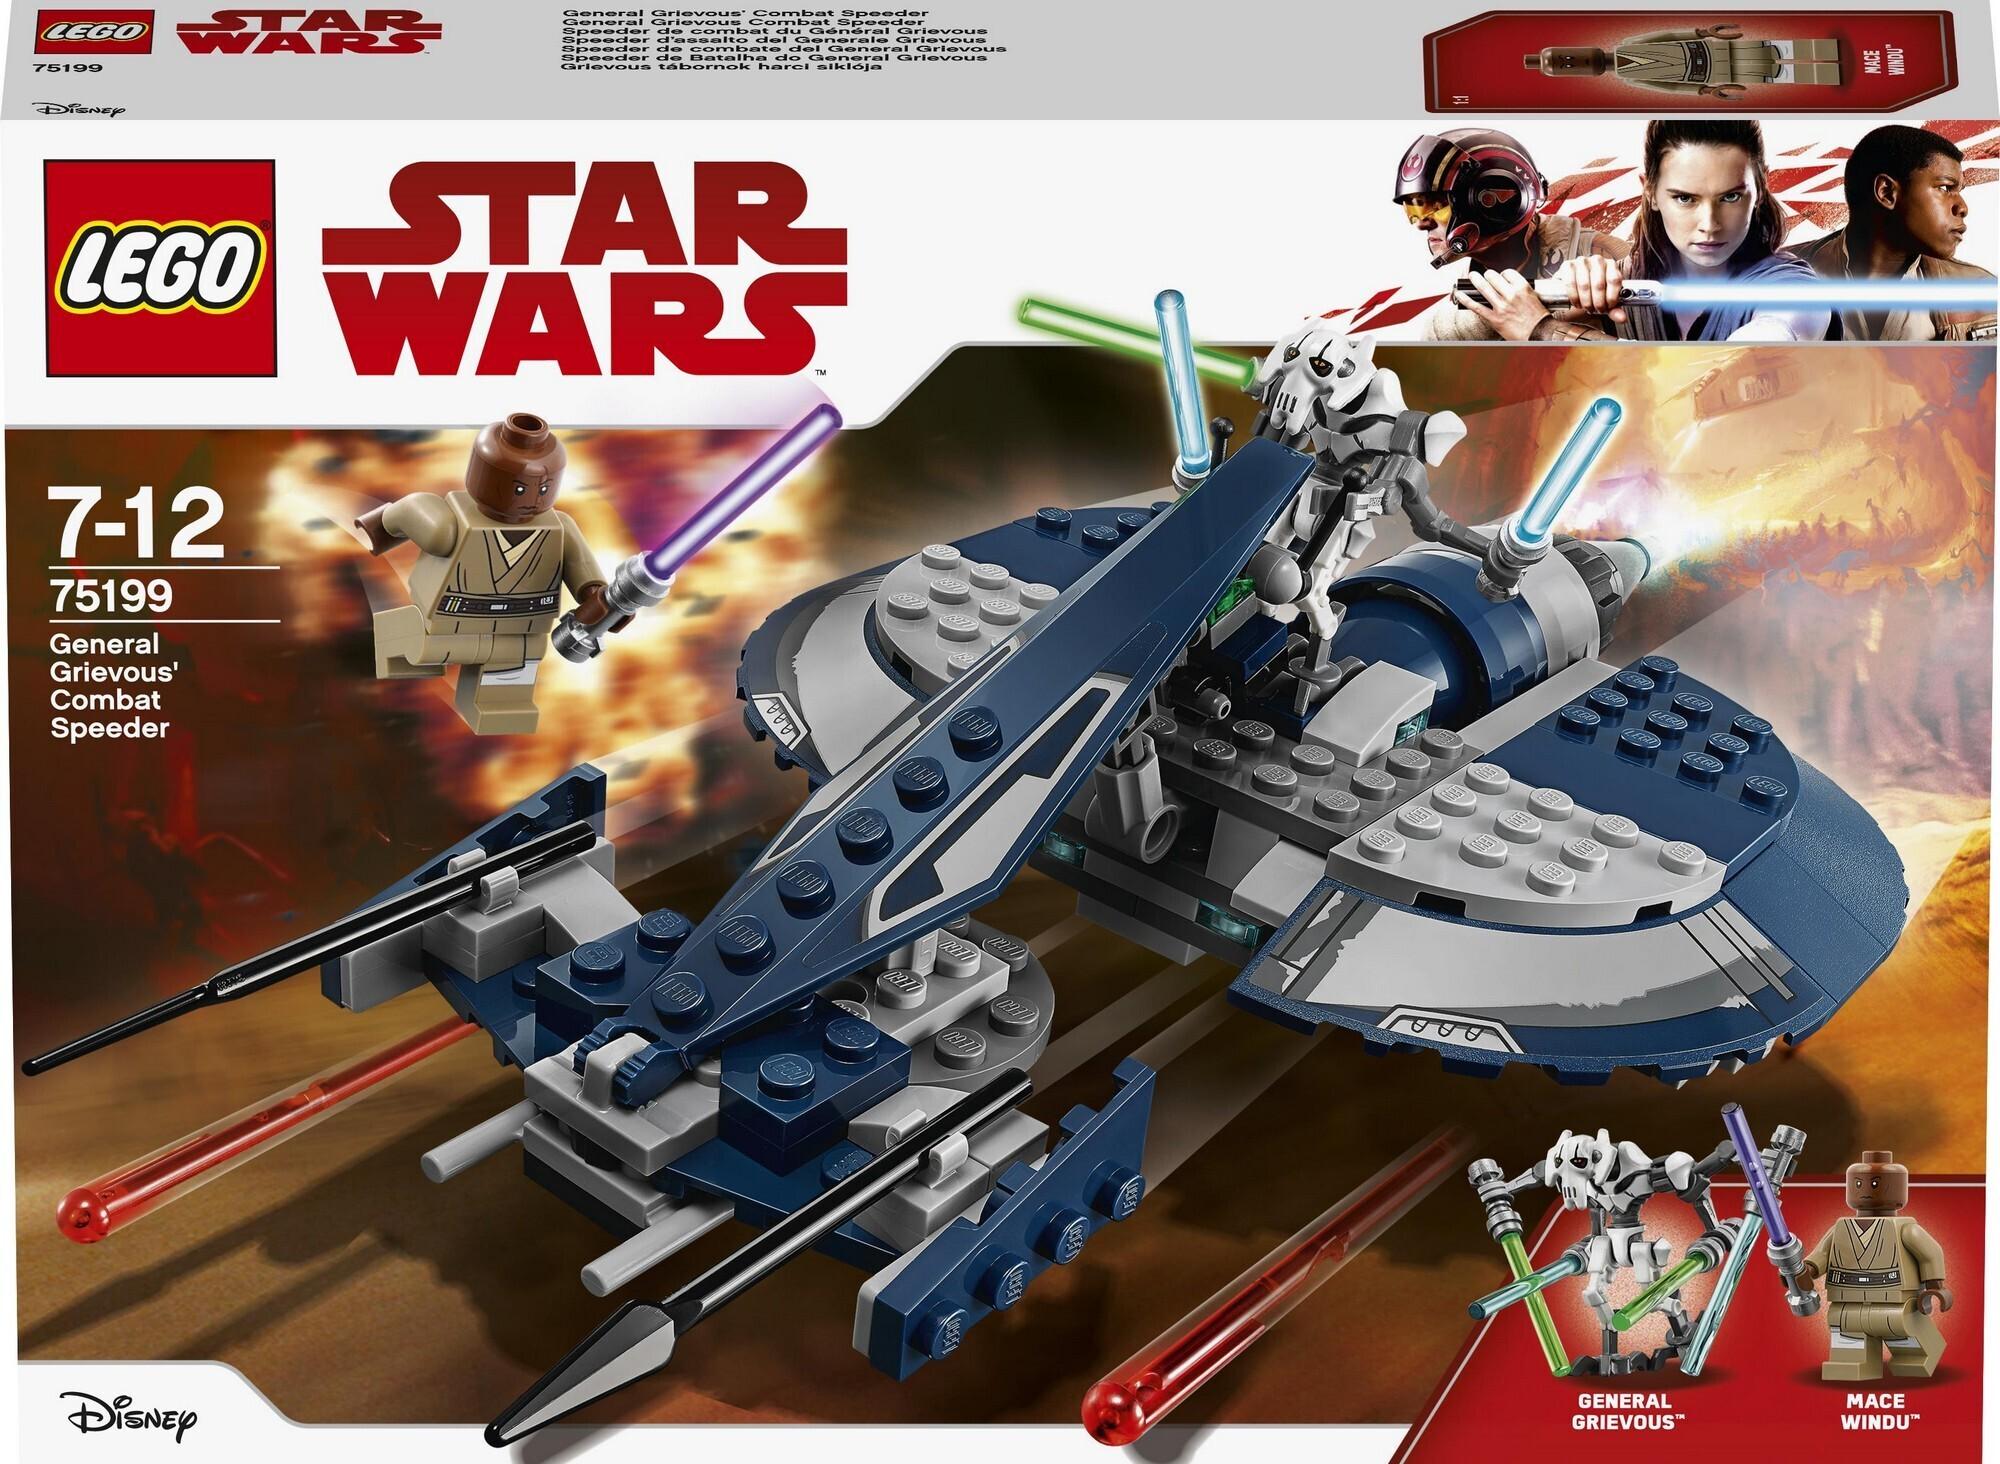 Лего звездные войны игра за гривуса актеры гарри поттер новости